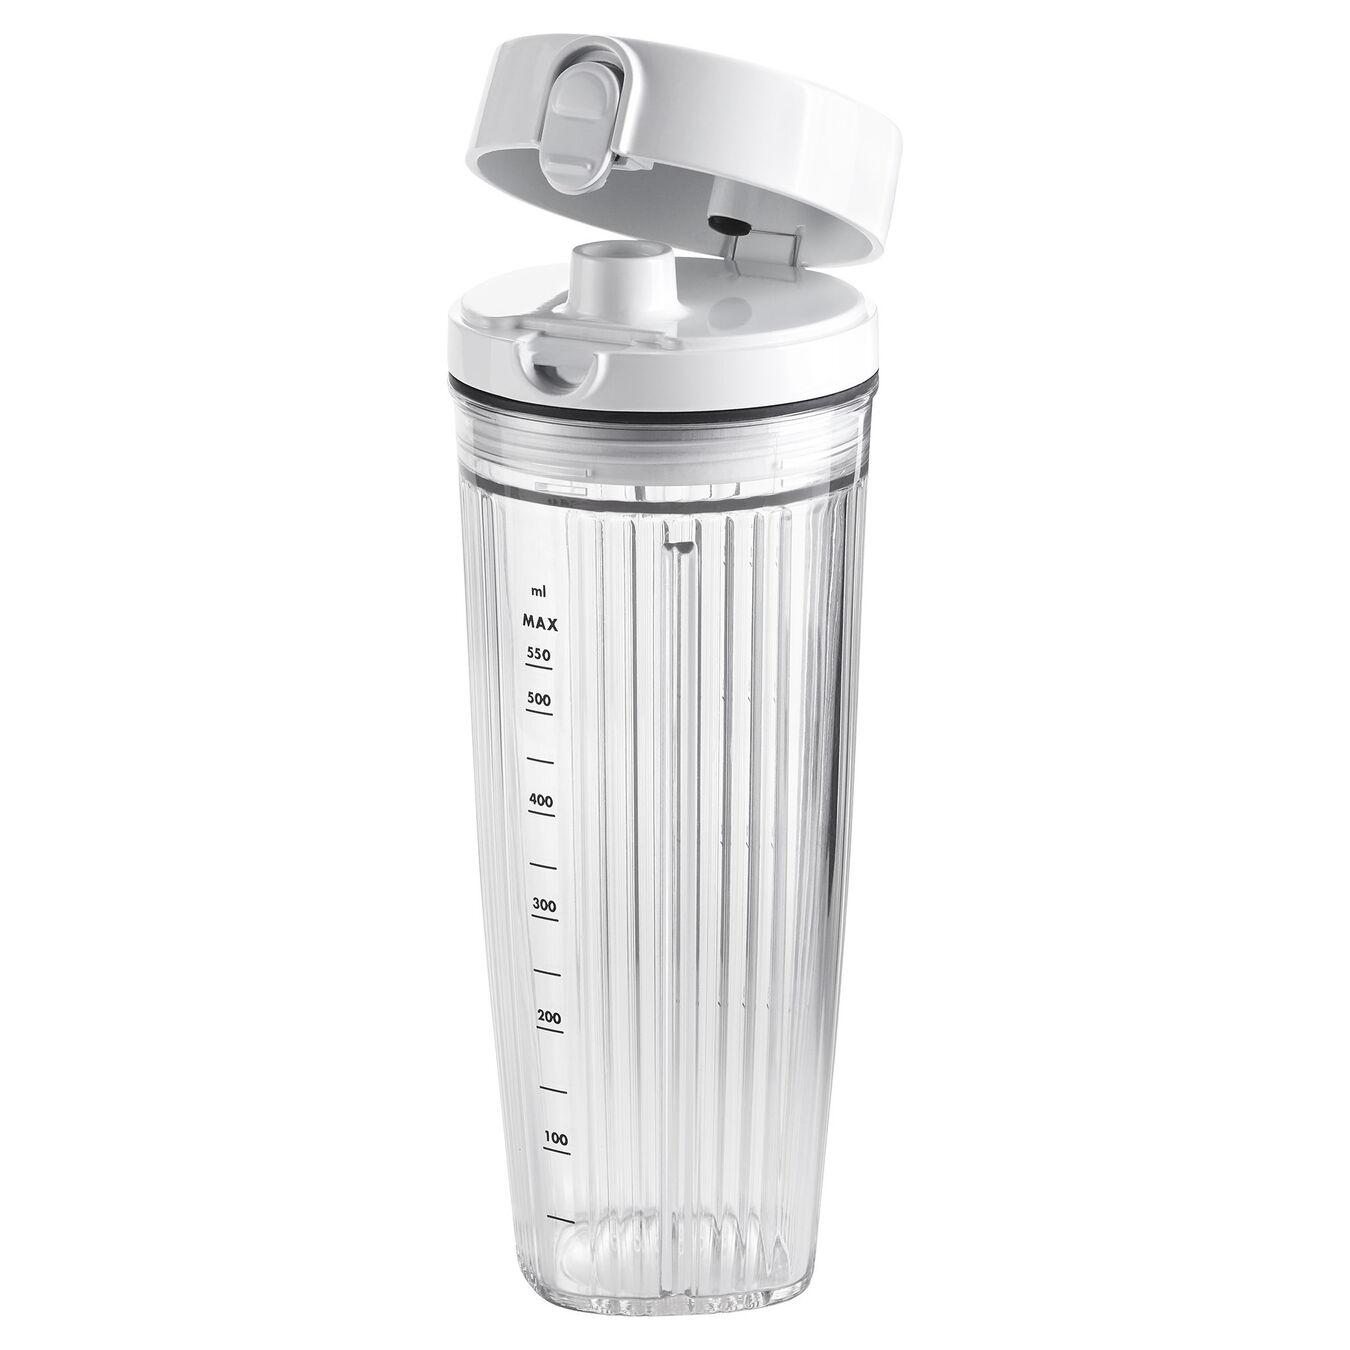 Standmixer Zubehör Set inklusive Vakuumdeckel 550 ml, Weiß,,large 3